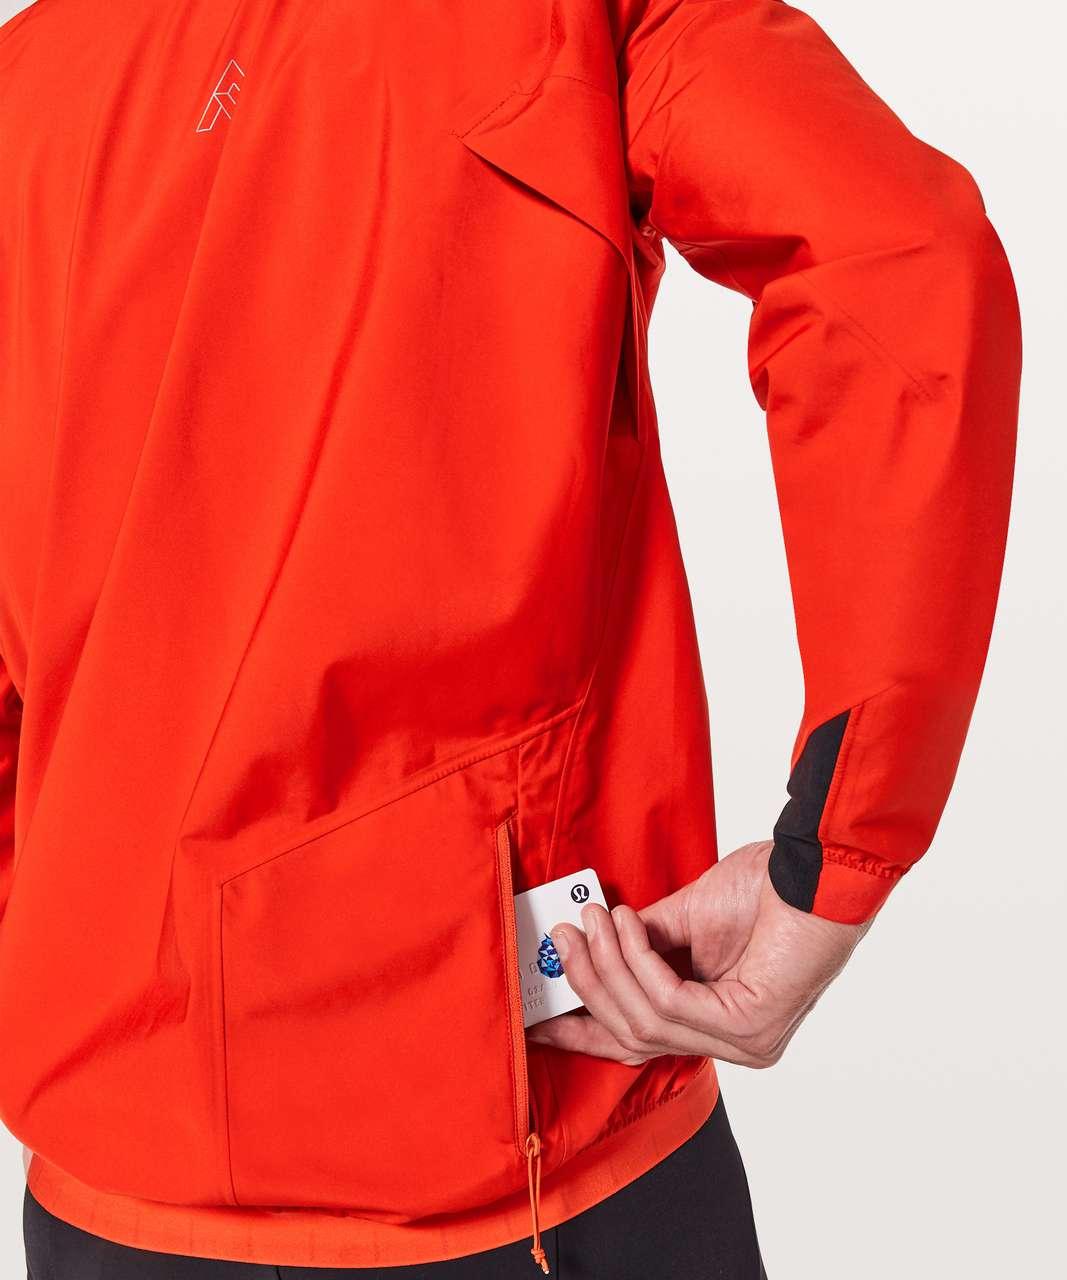 Lululemon 7Mesh Resistance Jacket - Laser Red